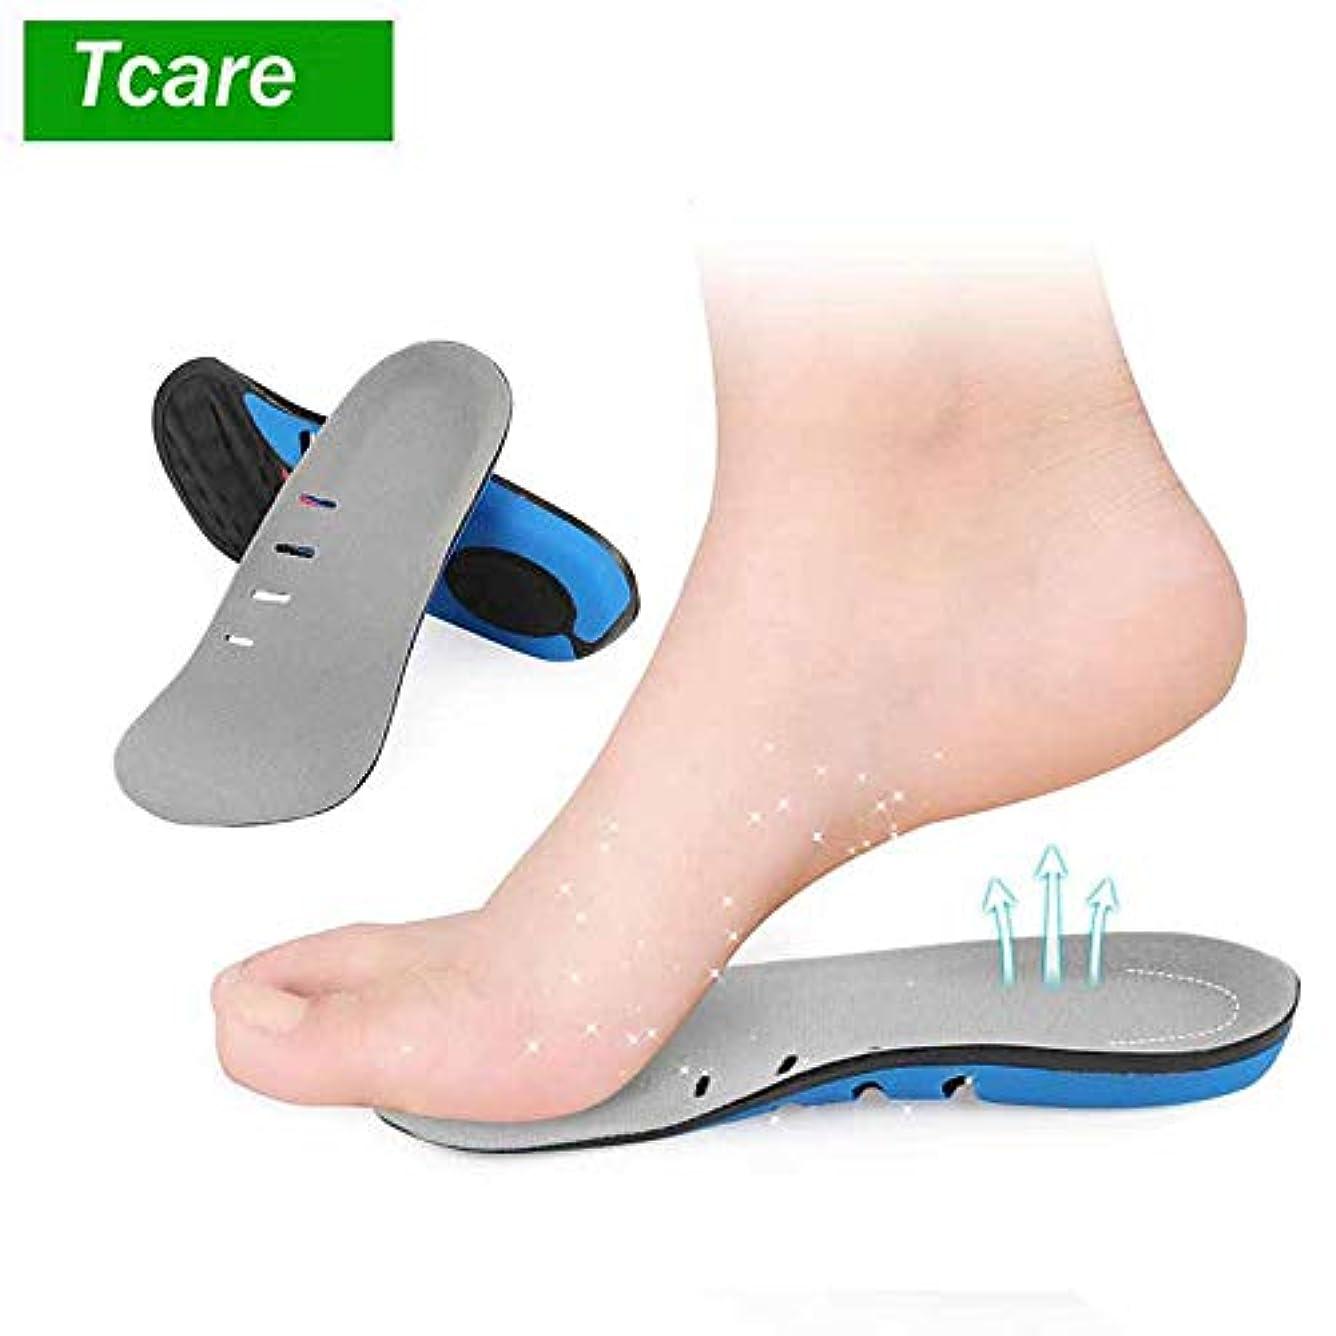 女優誇張するどういたしまして靴のマッサージシューズのインソールは、男性用/女性用の足底筋膜炎用インソール